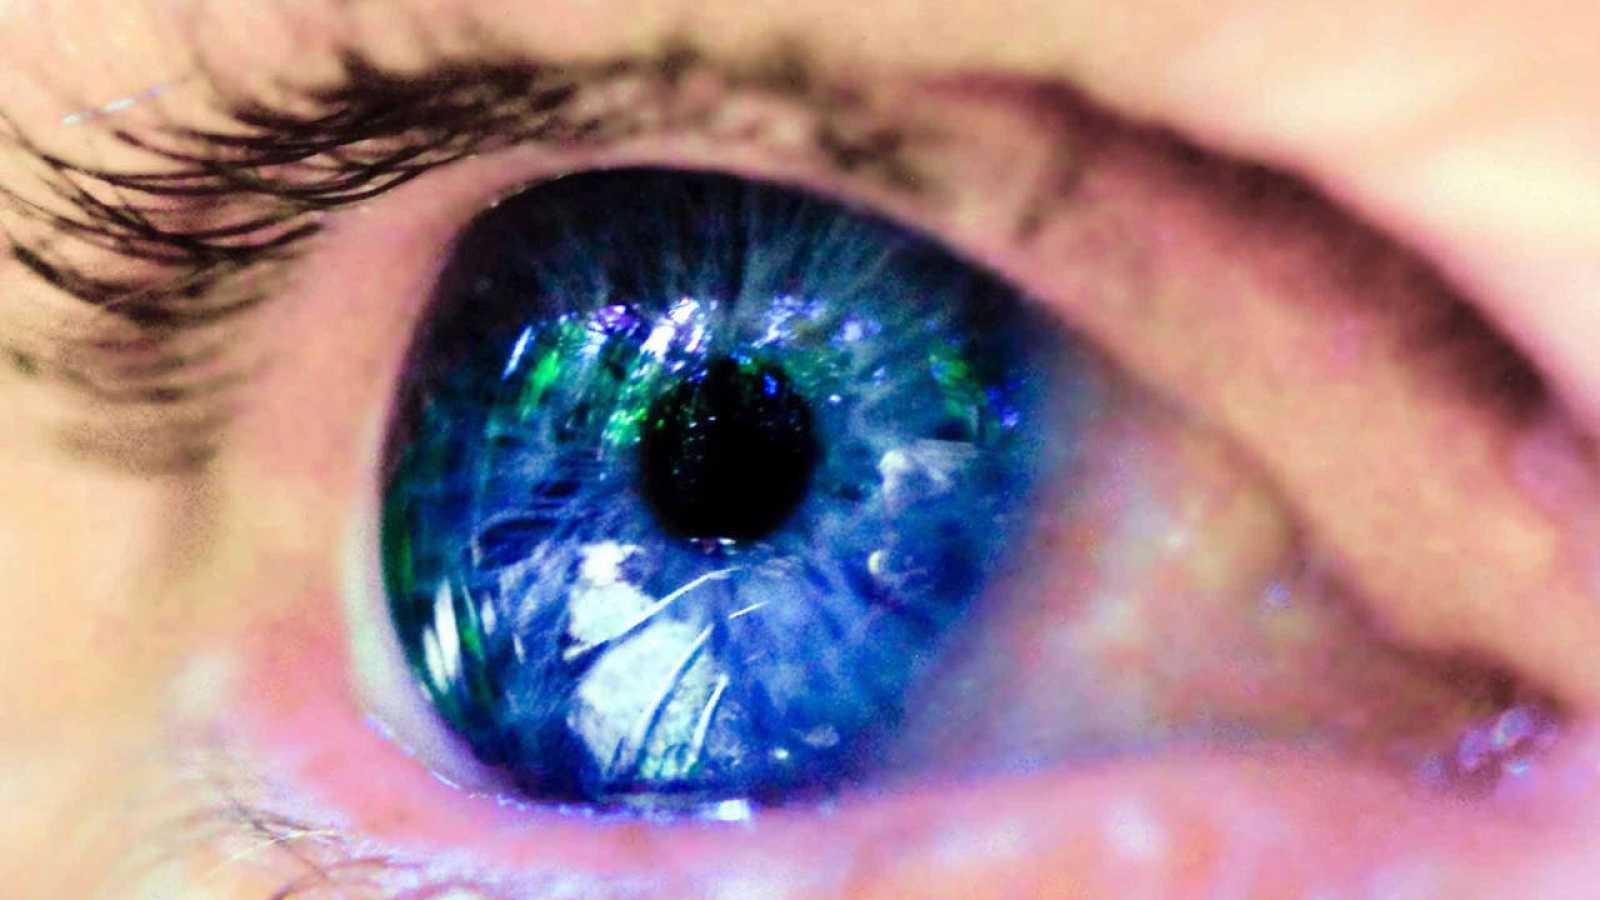 Esta técnica, conocida como 'ventana al cerebro', permite de modo no invasivo observar el engrosamiento o adelgazamiento de las fibras de la retina y del nervio óptico, que constituyen un fiel reflejo del estado del sistema nervioso central en el cer